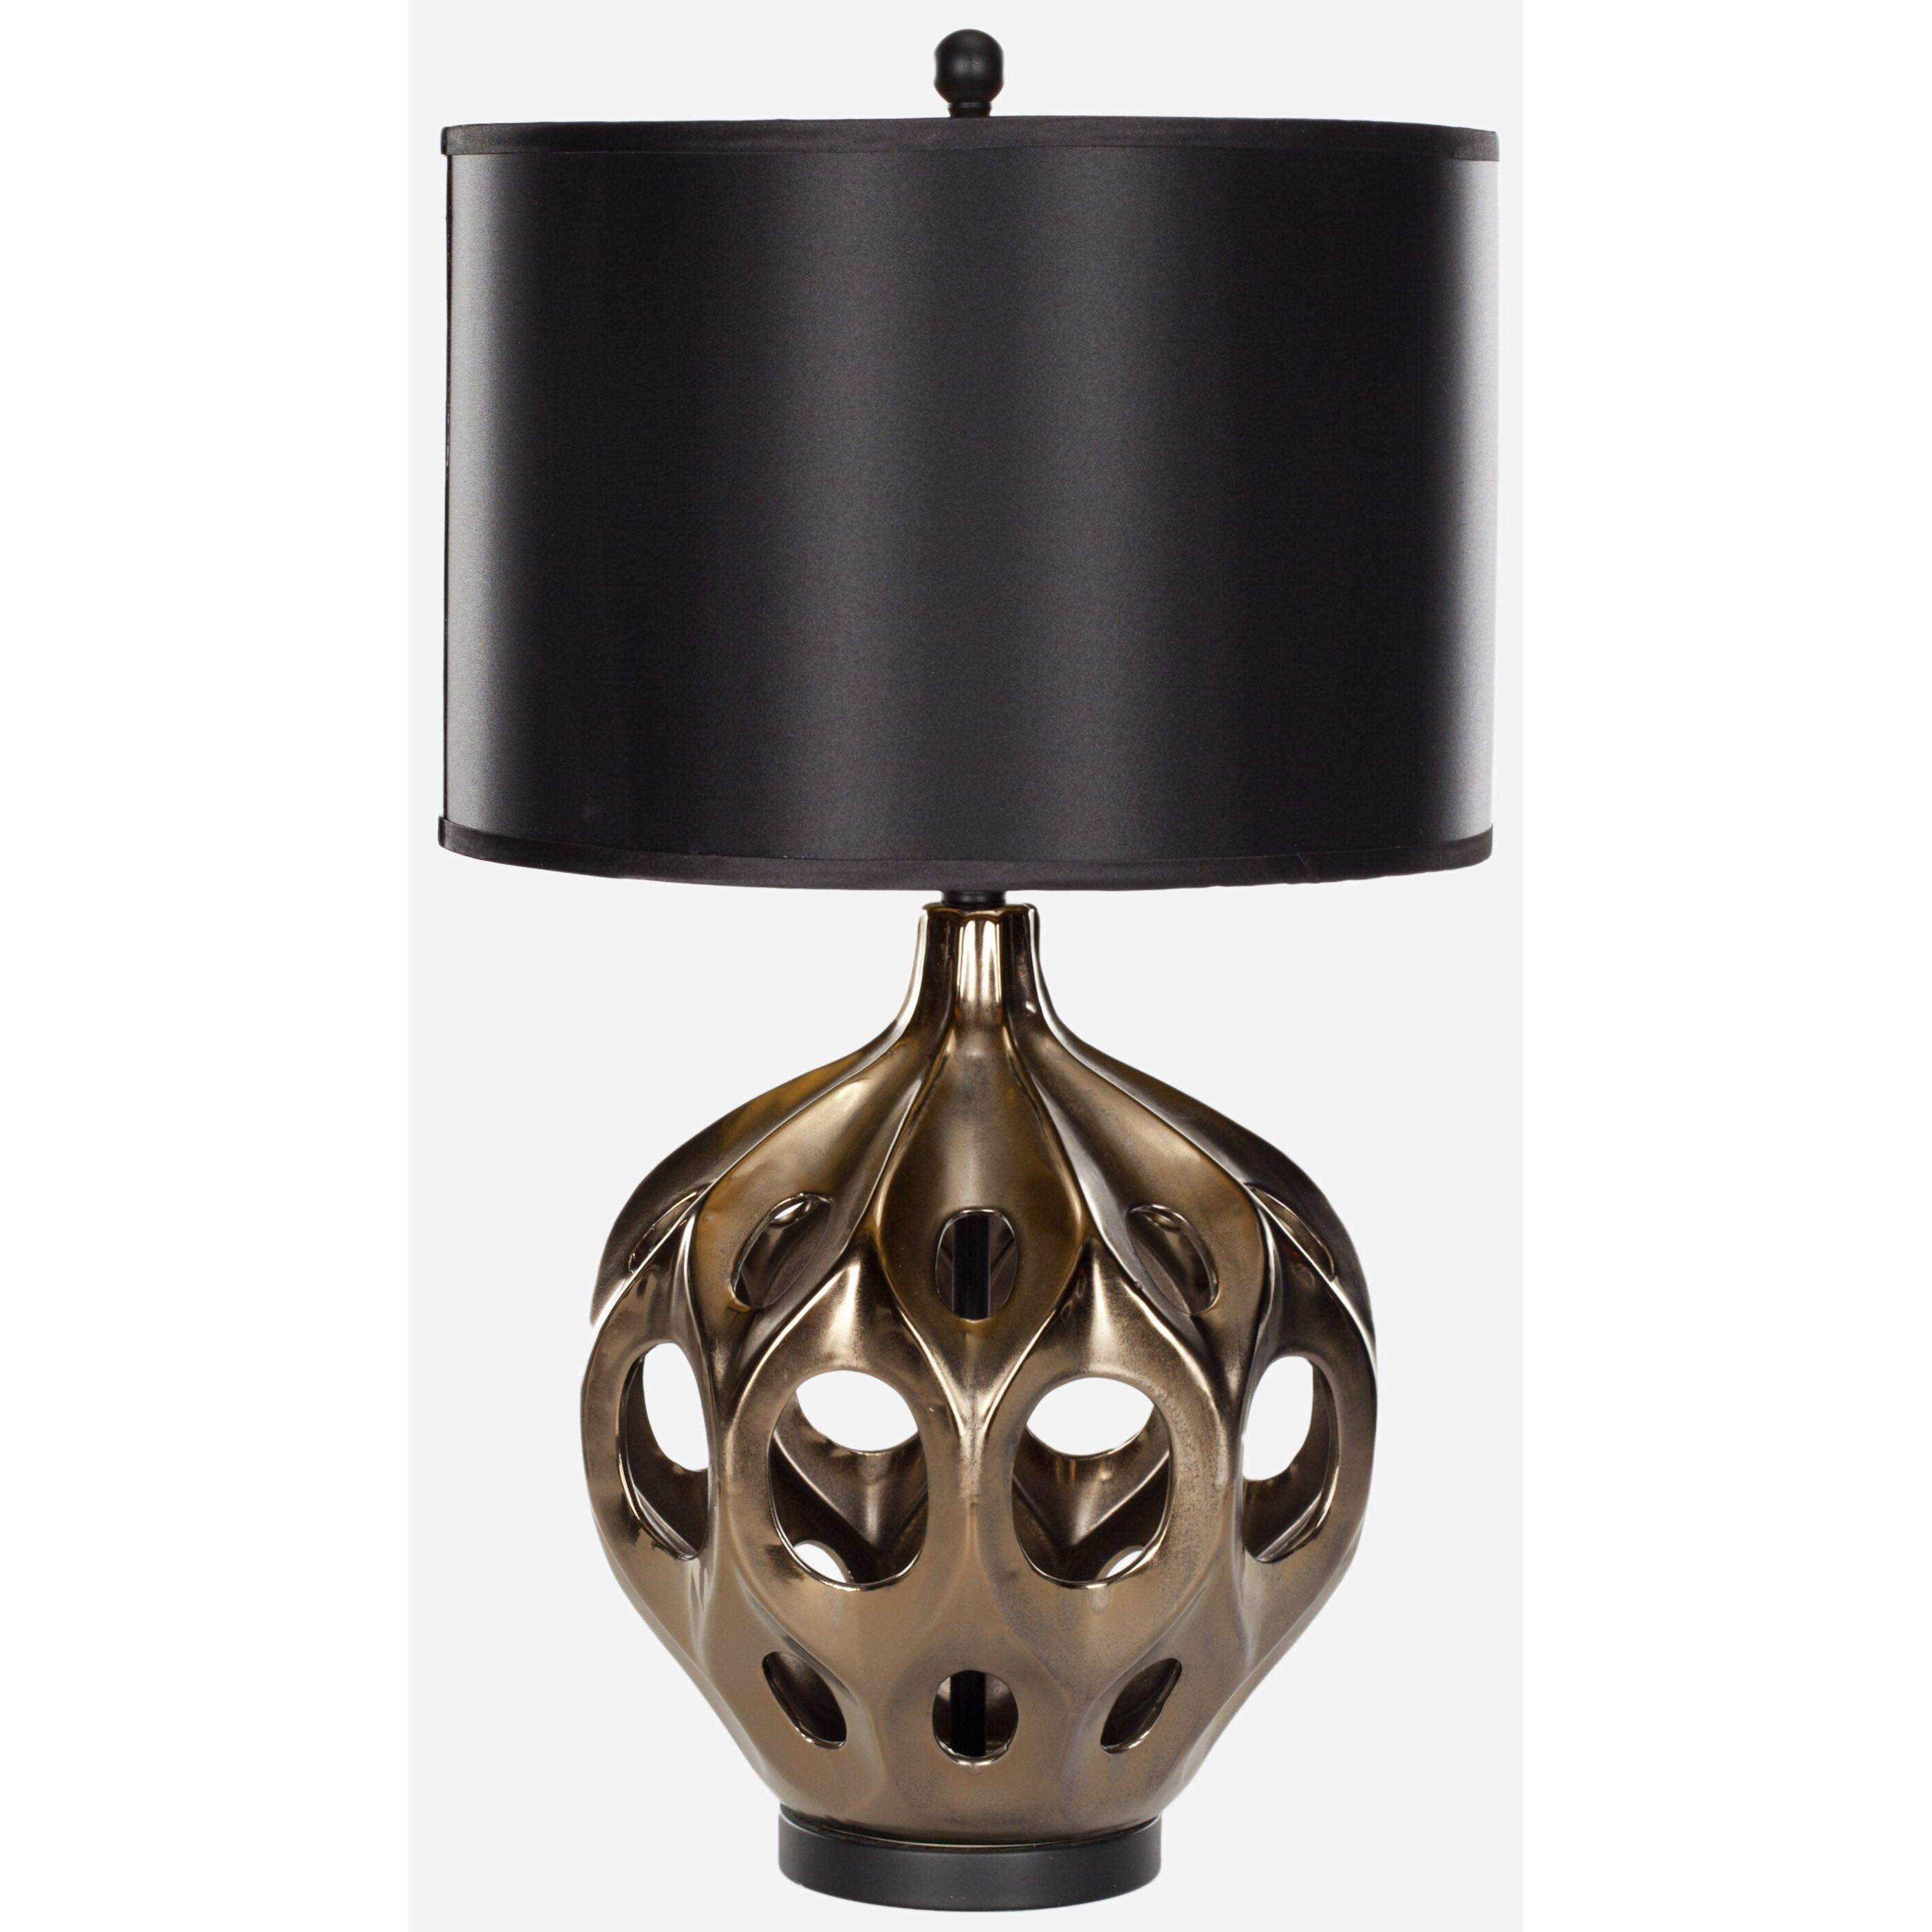 Safavieh Ceramic 29 Quot H Table Lamp With Drum Shade